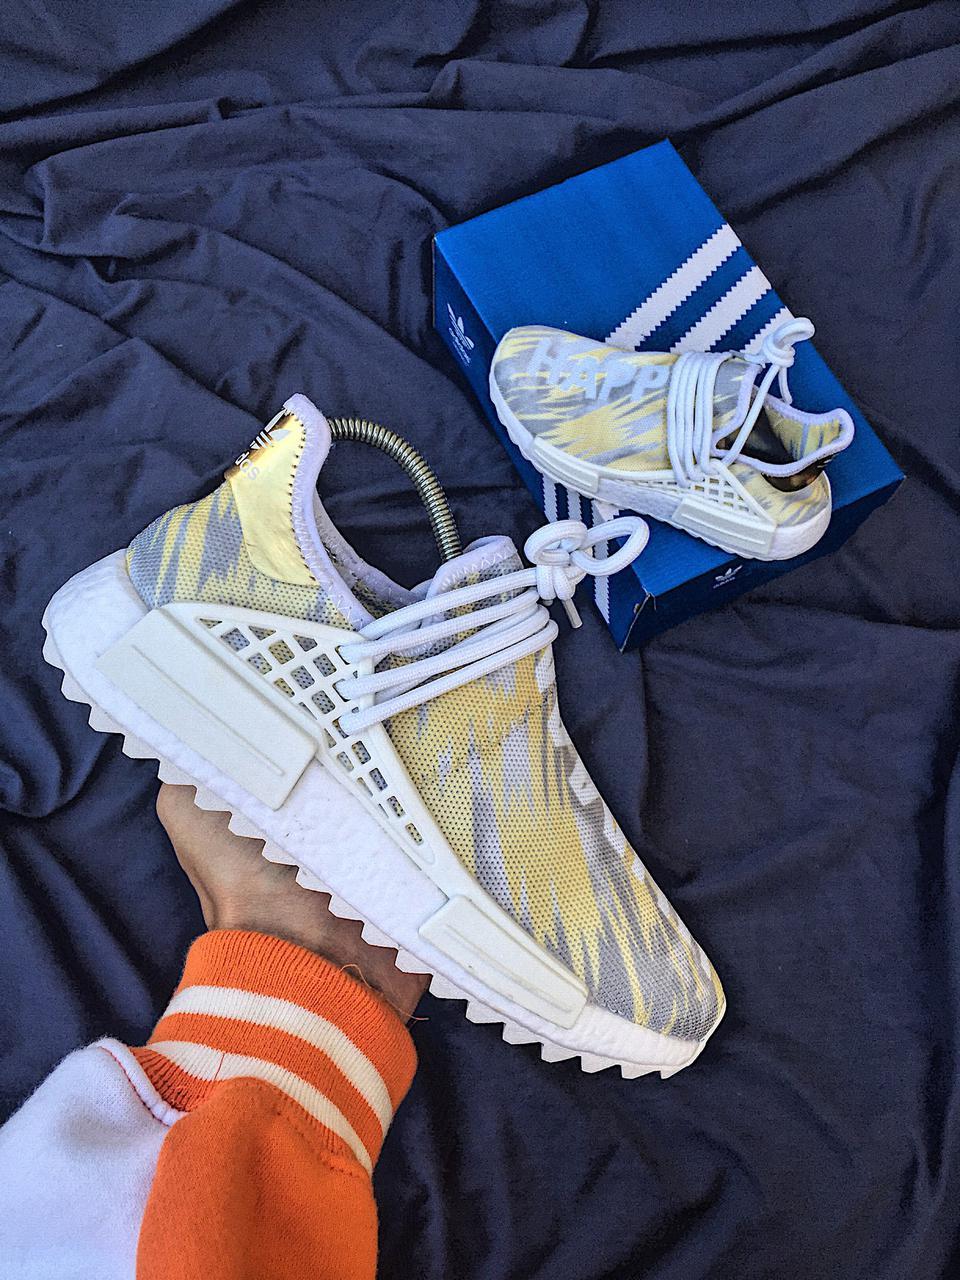 Женские кроссовки Adidas Human Race, Копия